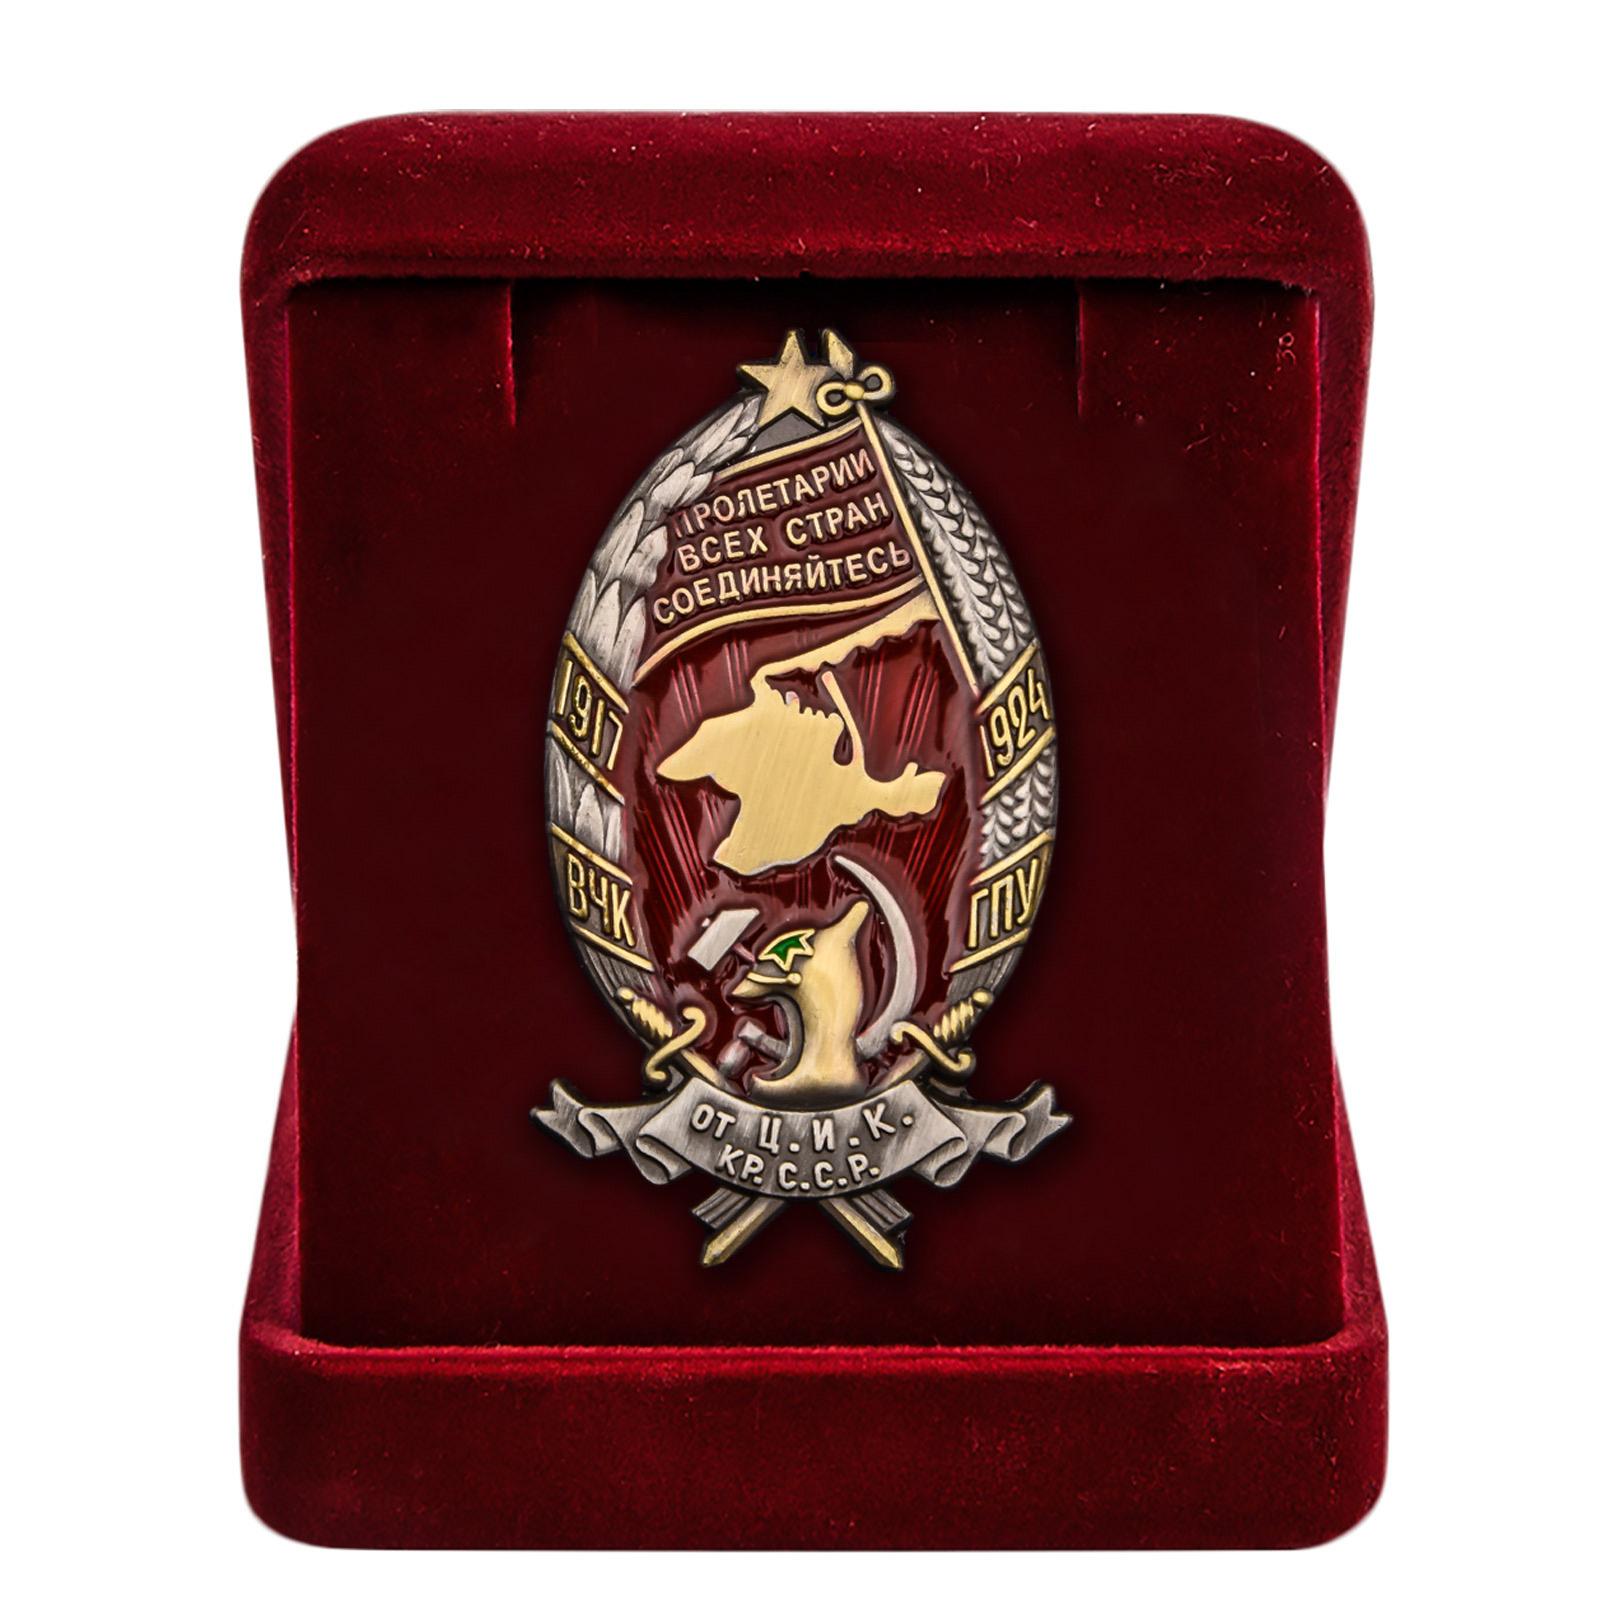 Купить нагрудный знак ВЧК-ГПУ От Ц.И.К. Крымской ССР (1917-24) в подарок онлайн